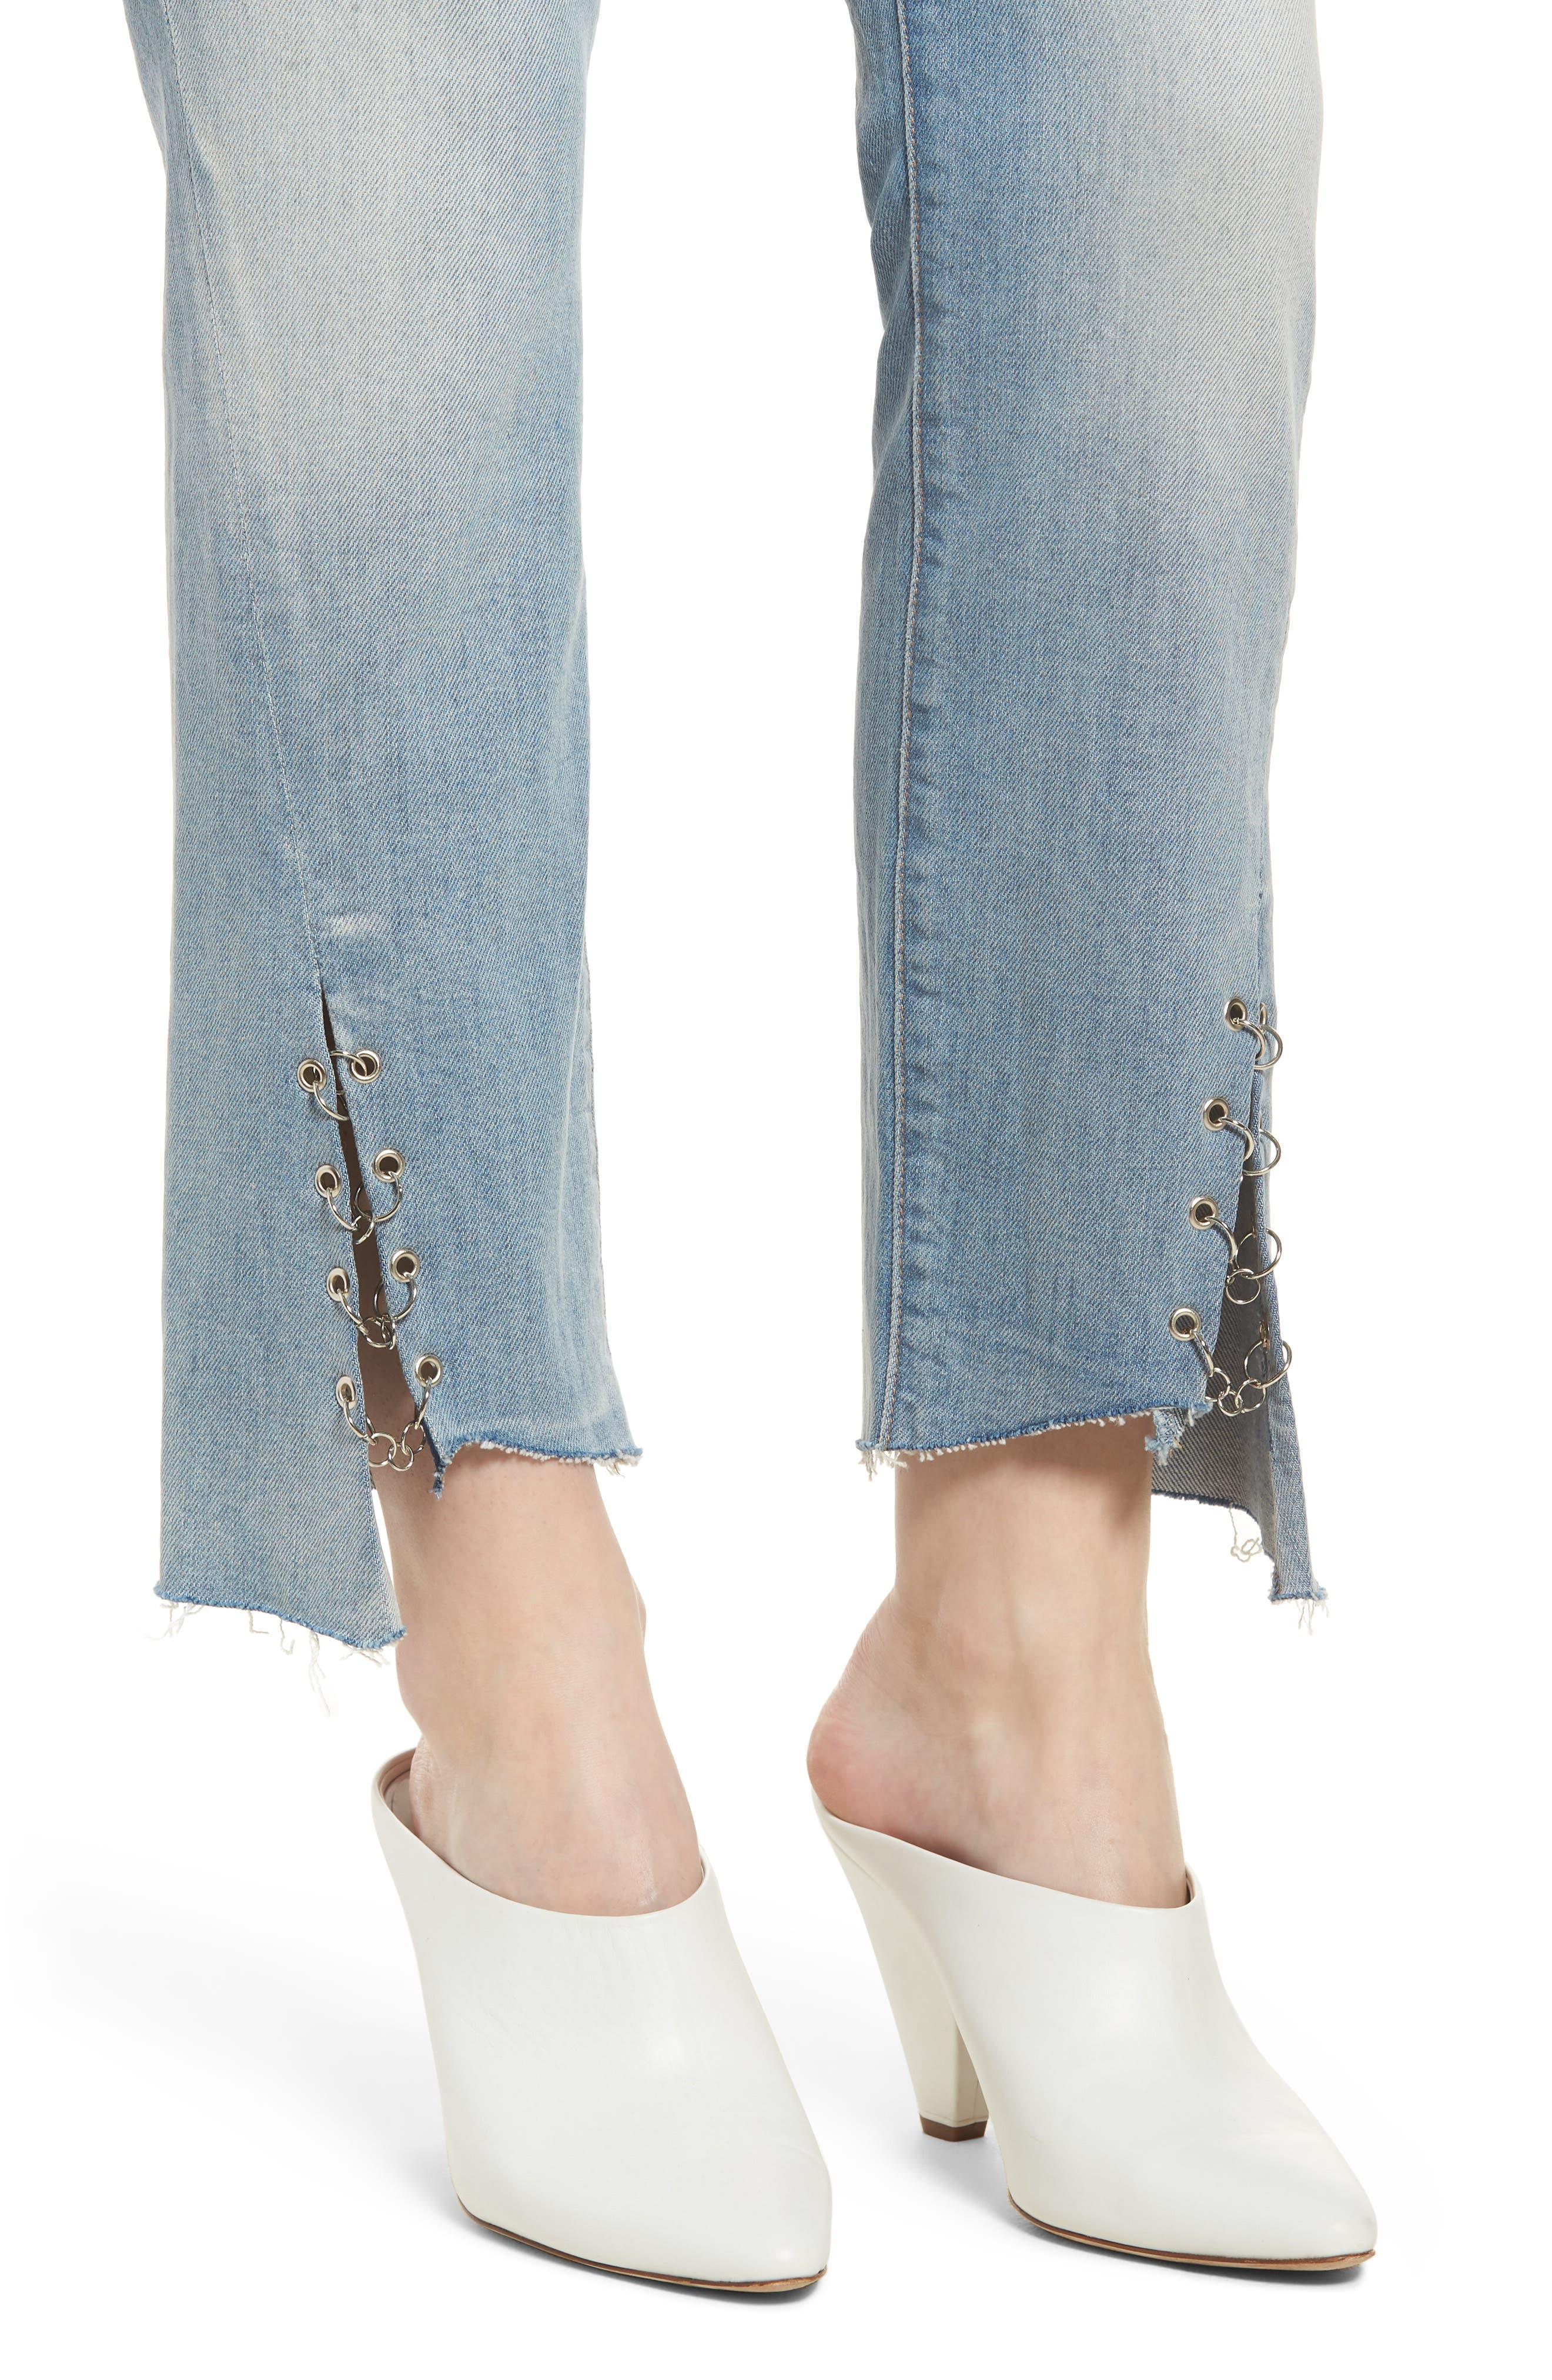 Edie Grommet & Rings Seam Crop Jeans,                             Alternate thumbnail 4, color,                             Light Riviera